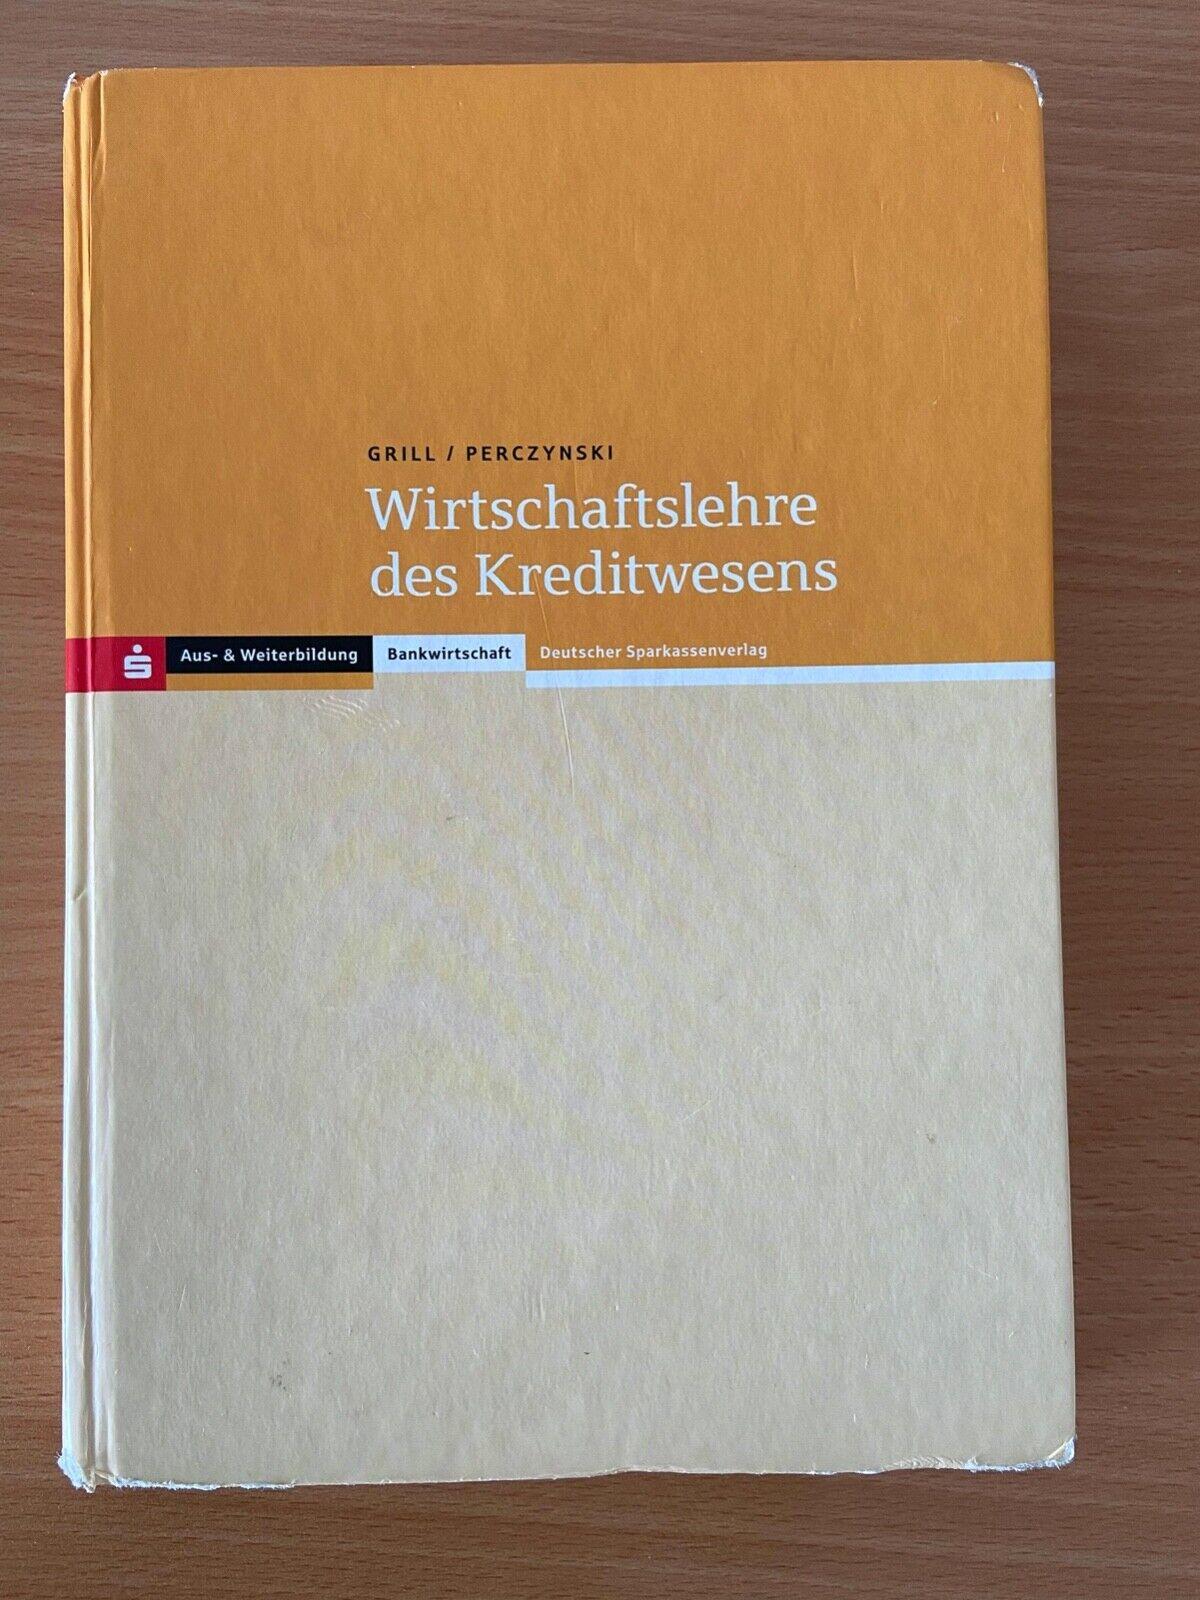 Wirtschaftslehre des Kreditwesens, Grill & Perczynski, 47. Auflage (2013)